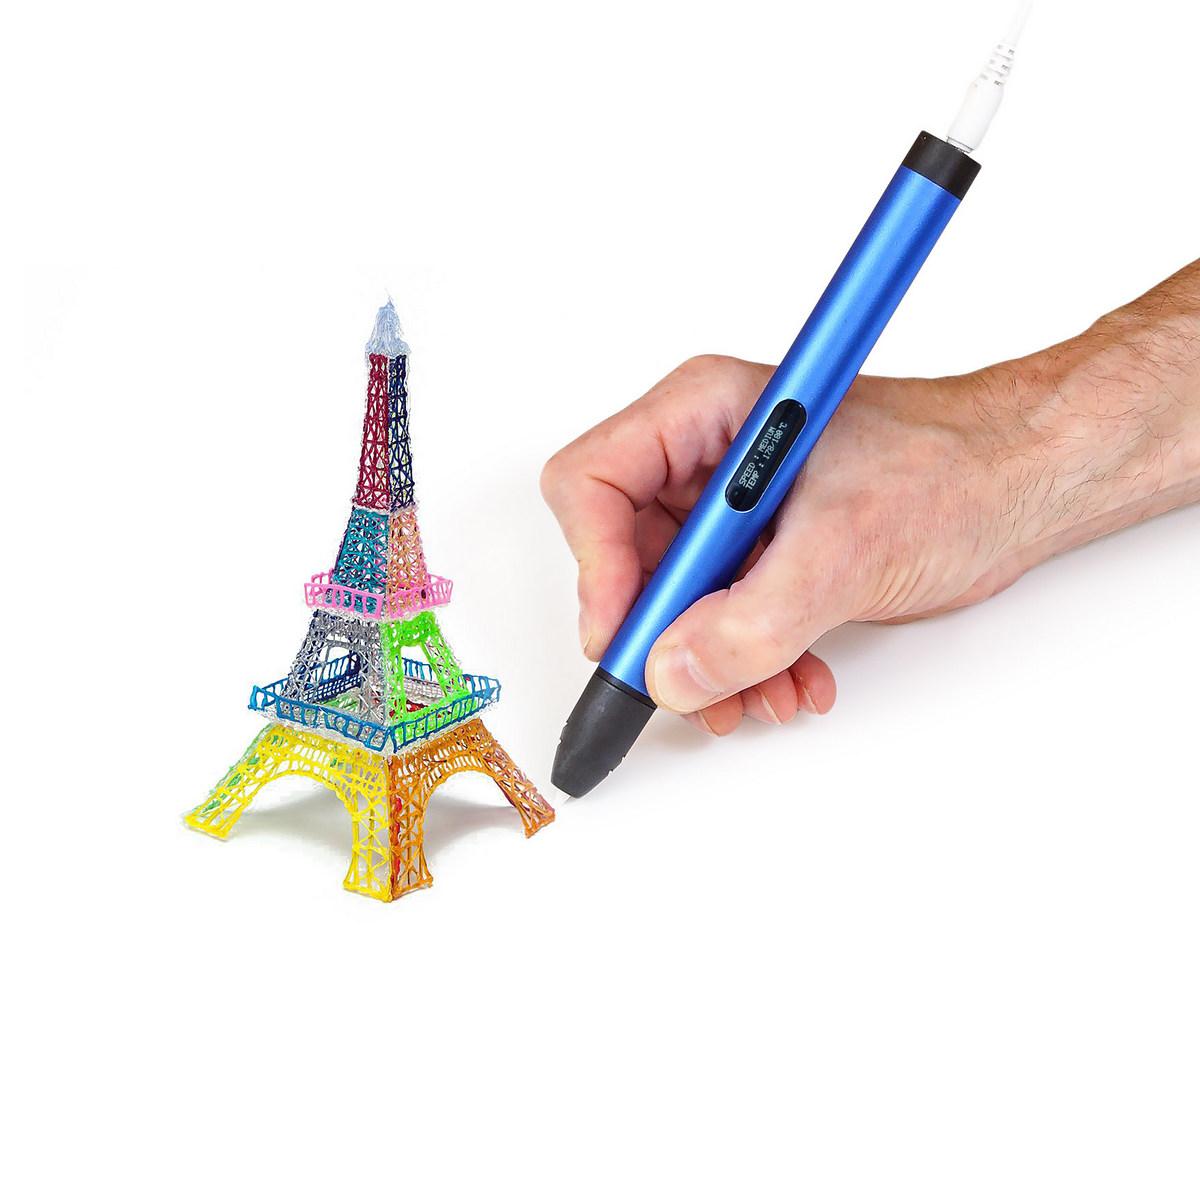 создание объемных предметов с помощью 3D-ручки